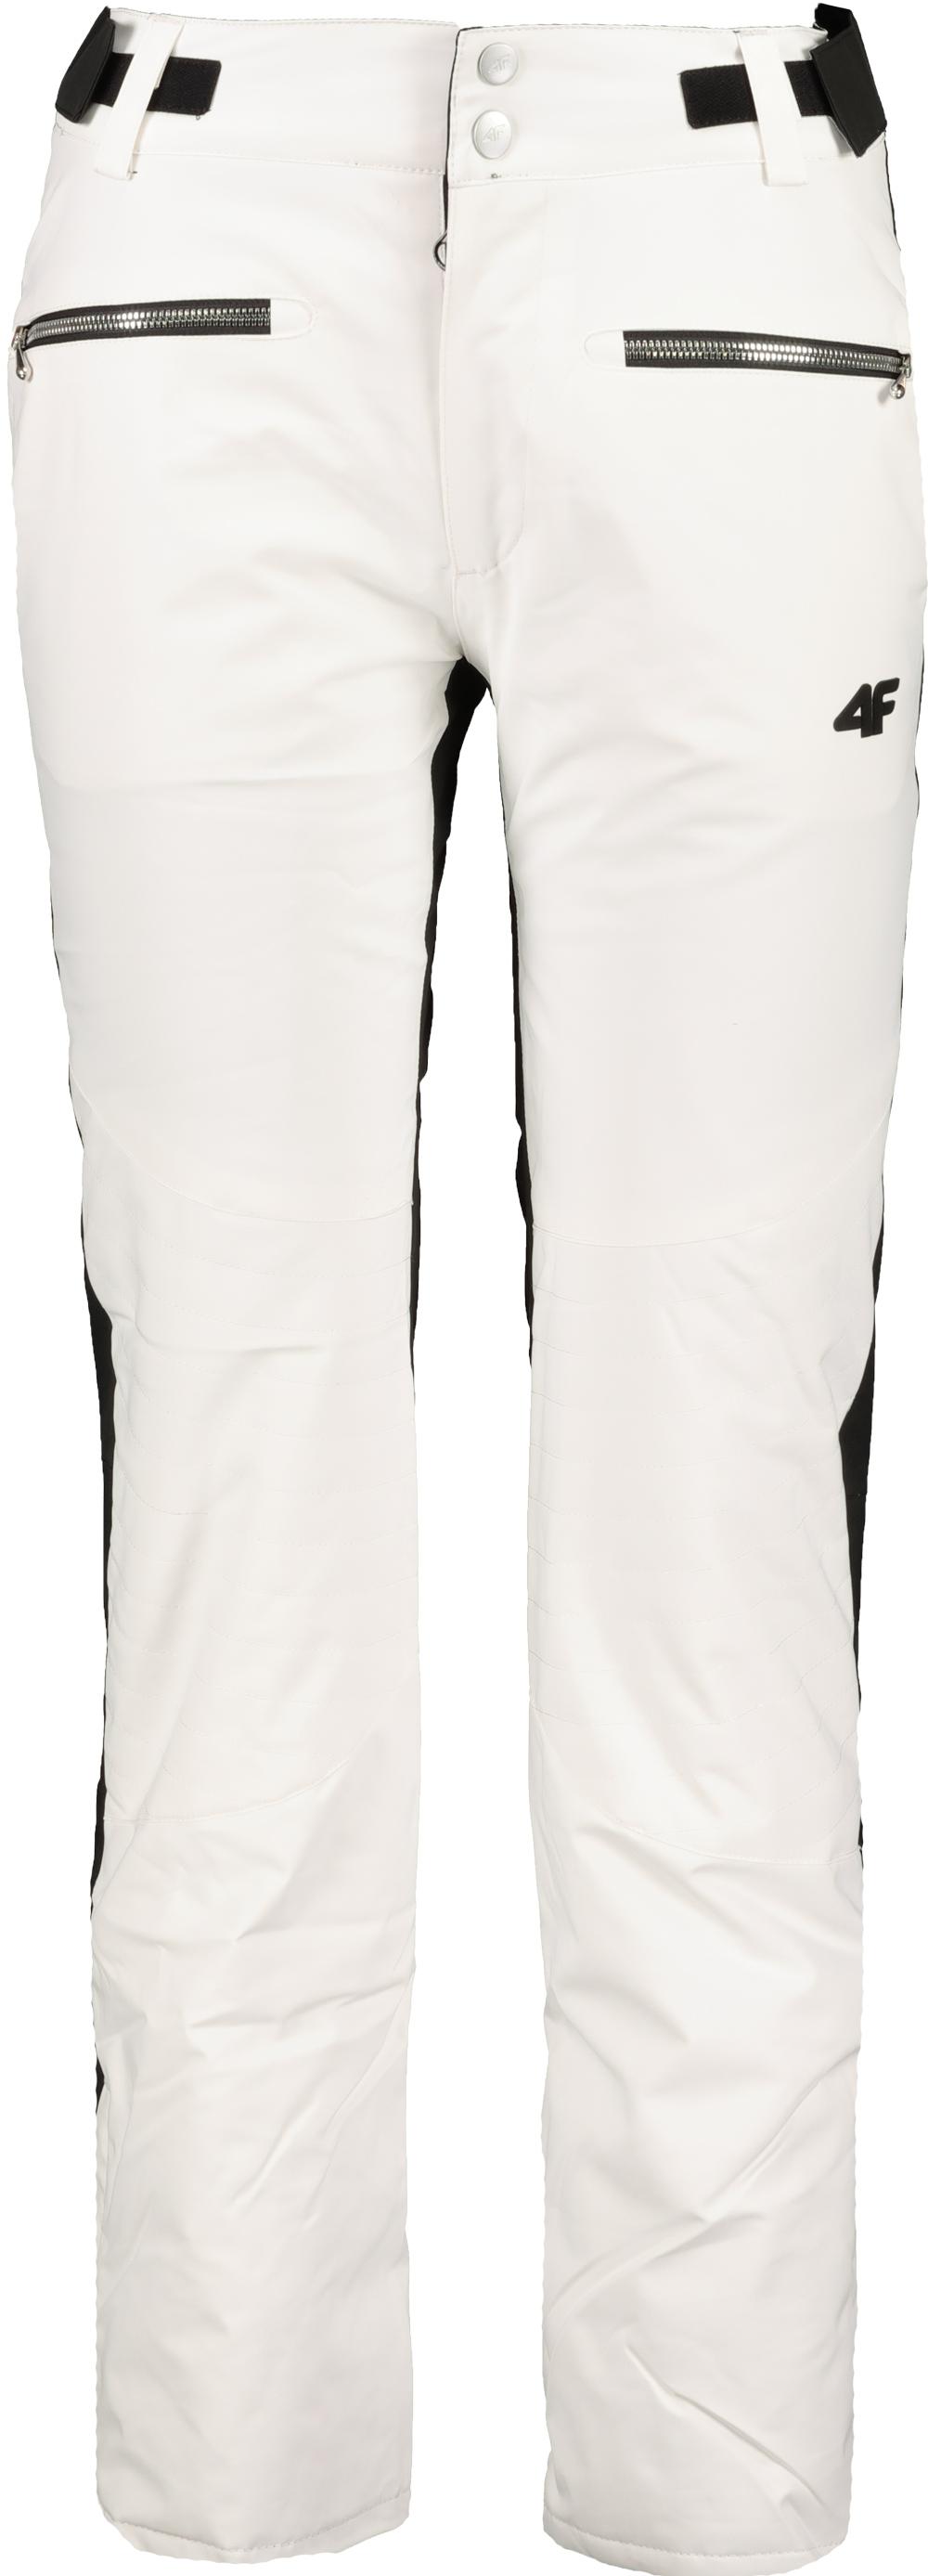 Nohavice lyžiarske dámske 4F SPDN151